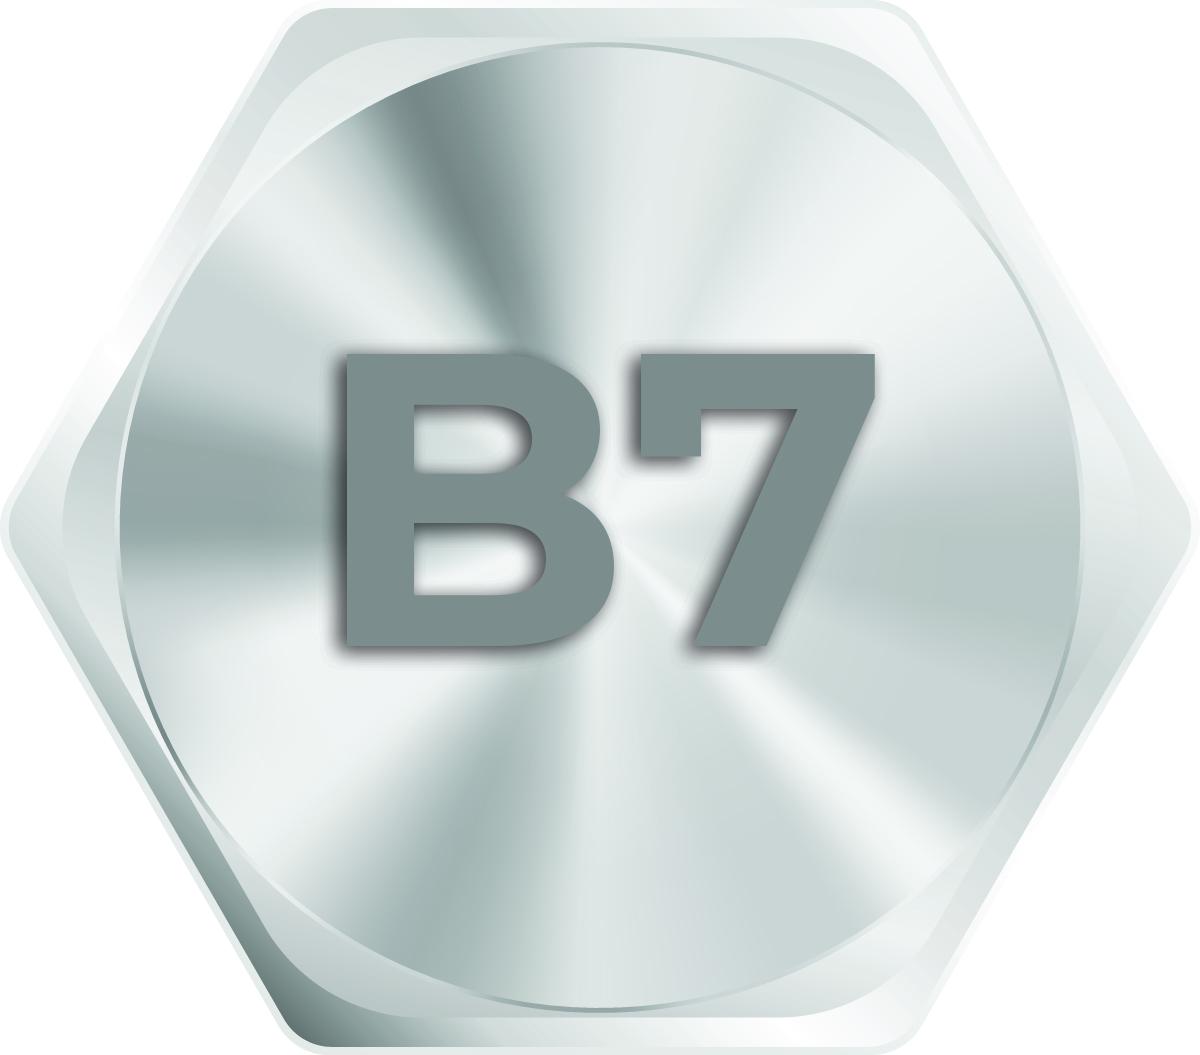 b7-hex-bolts